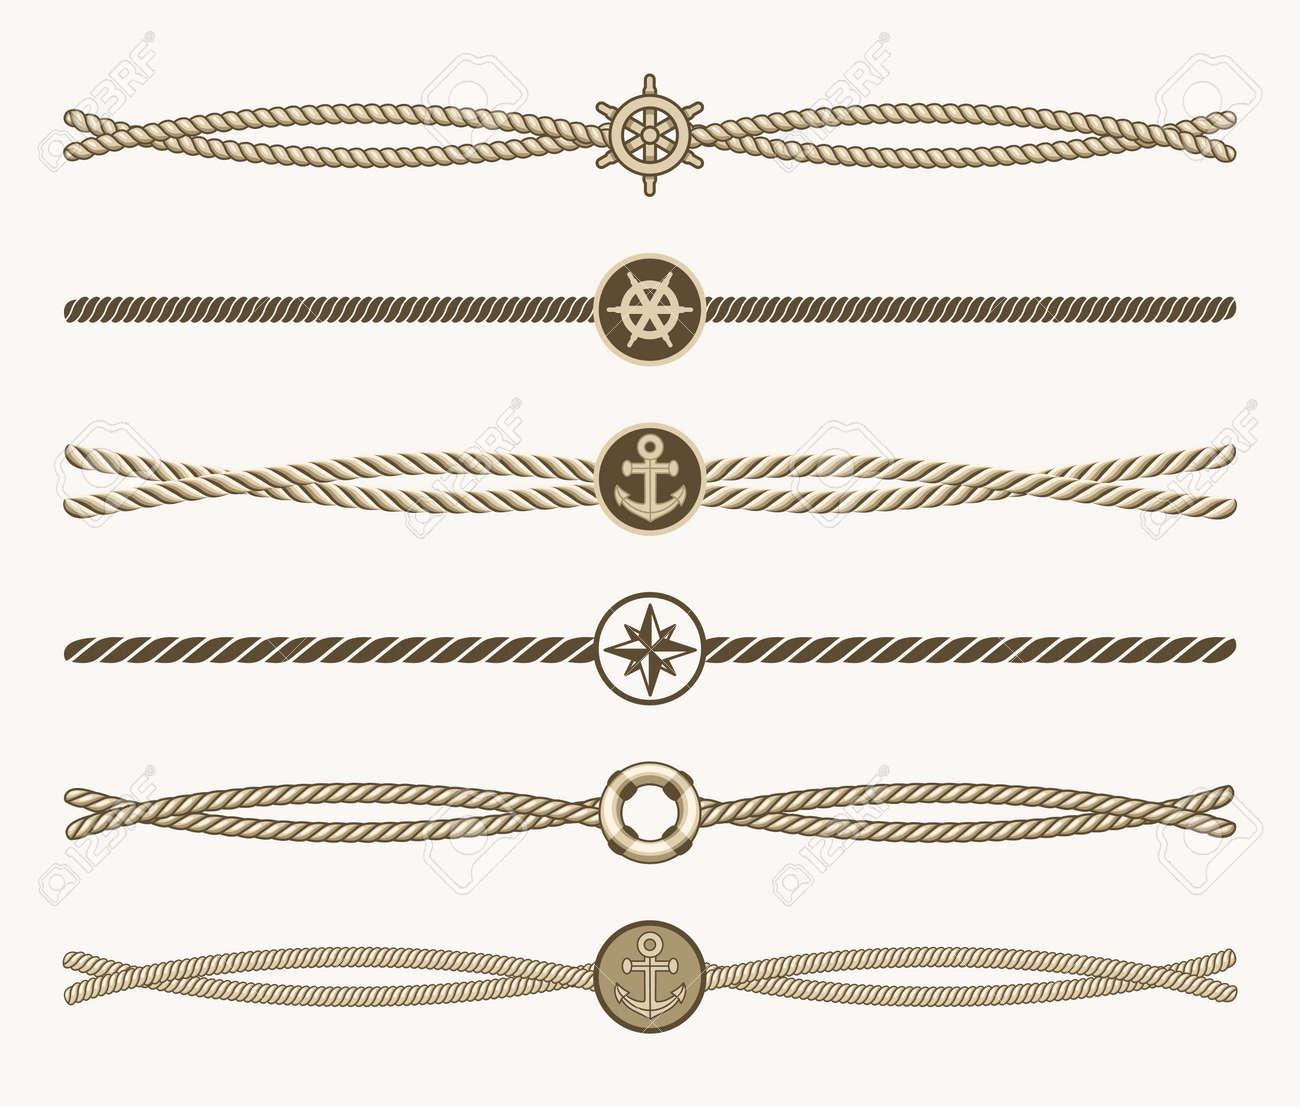 Nautical vintage rope vector dividers. Design of border frame illustration - 165867476